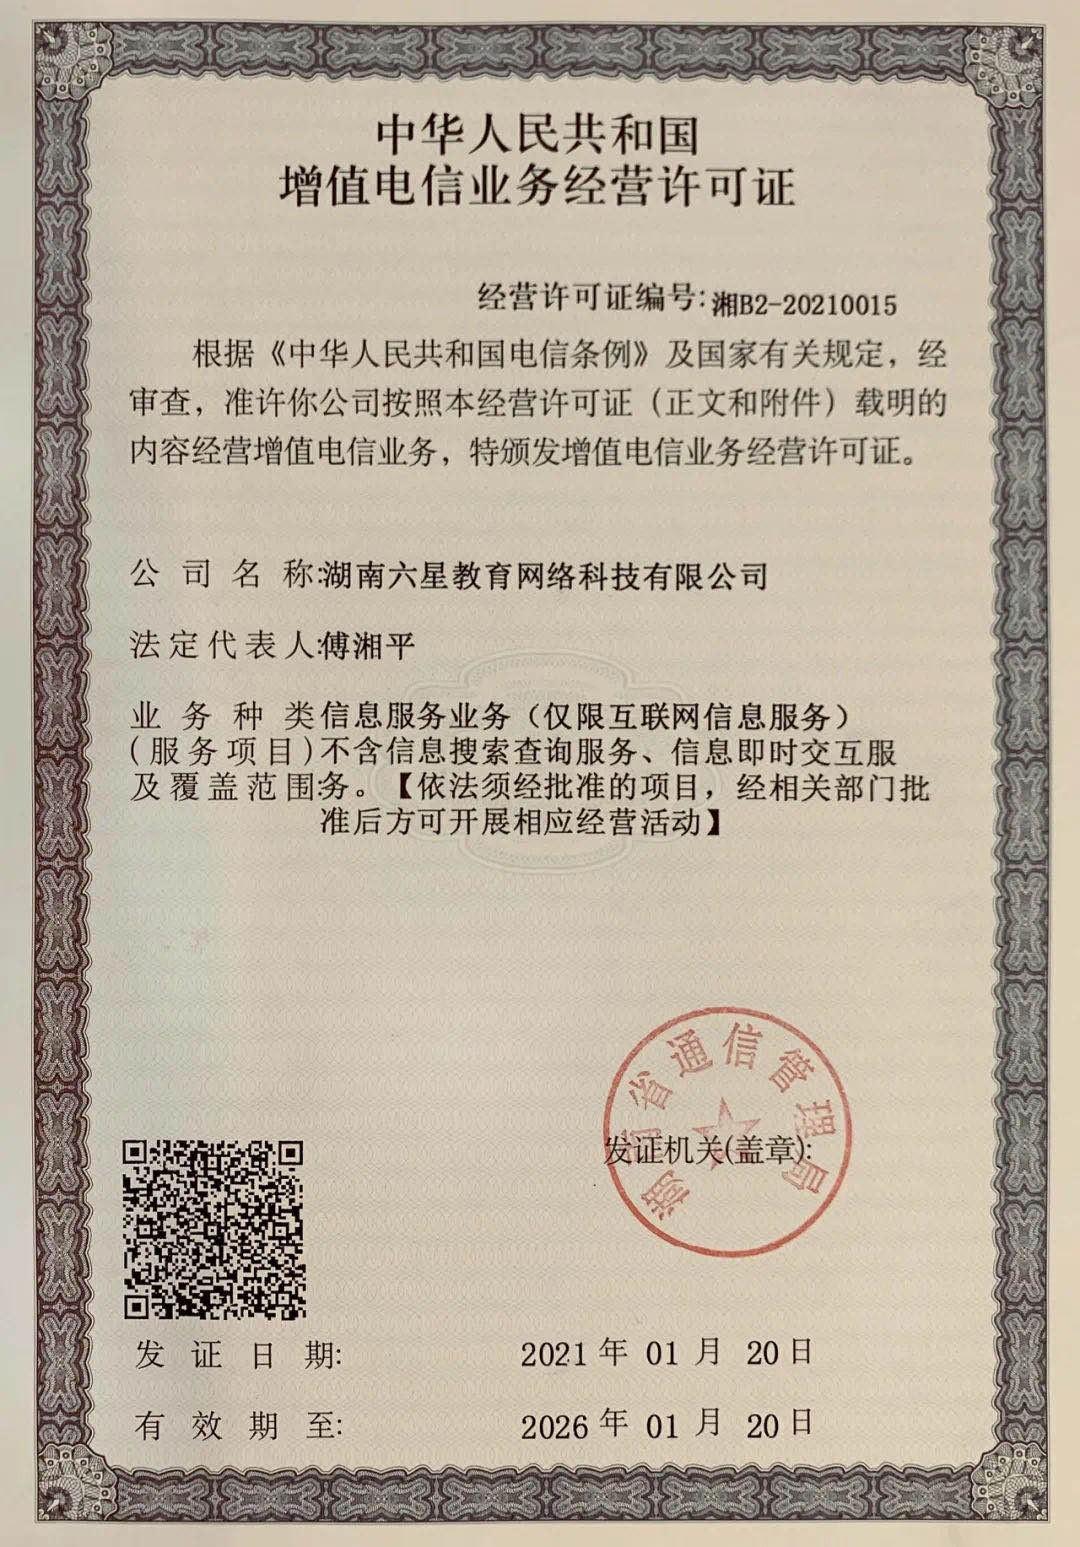 attachments-2021-01-UCtTVokv600ff3ca8b8cc.jpg